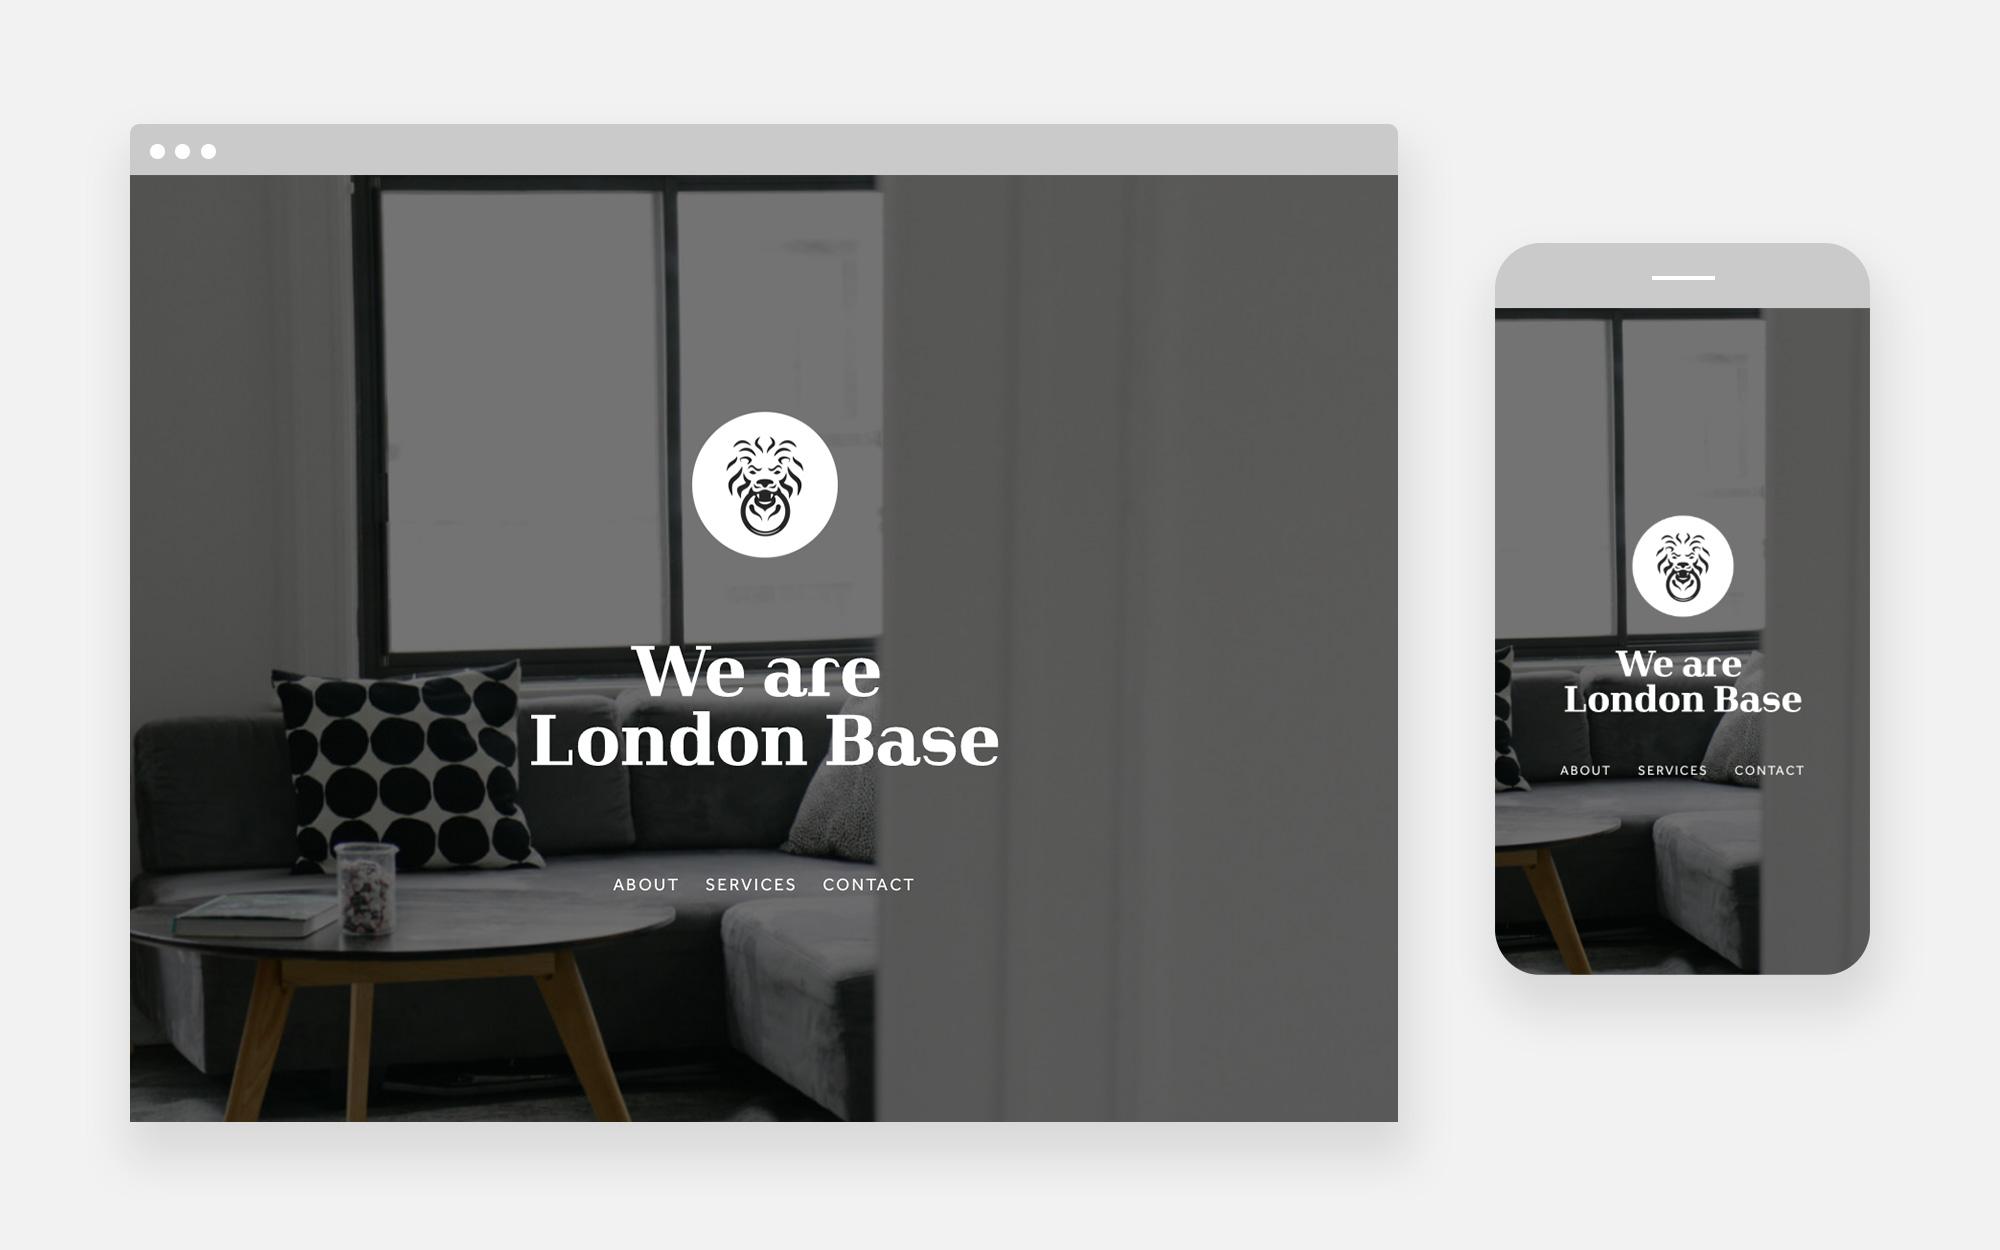 London Base website design 1